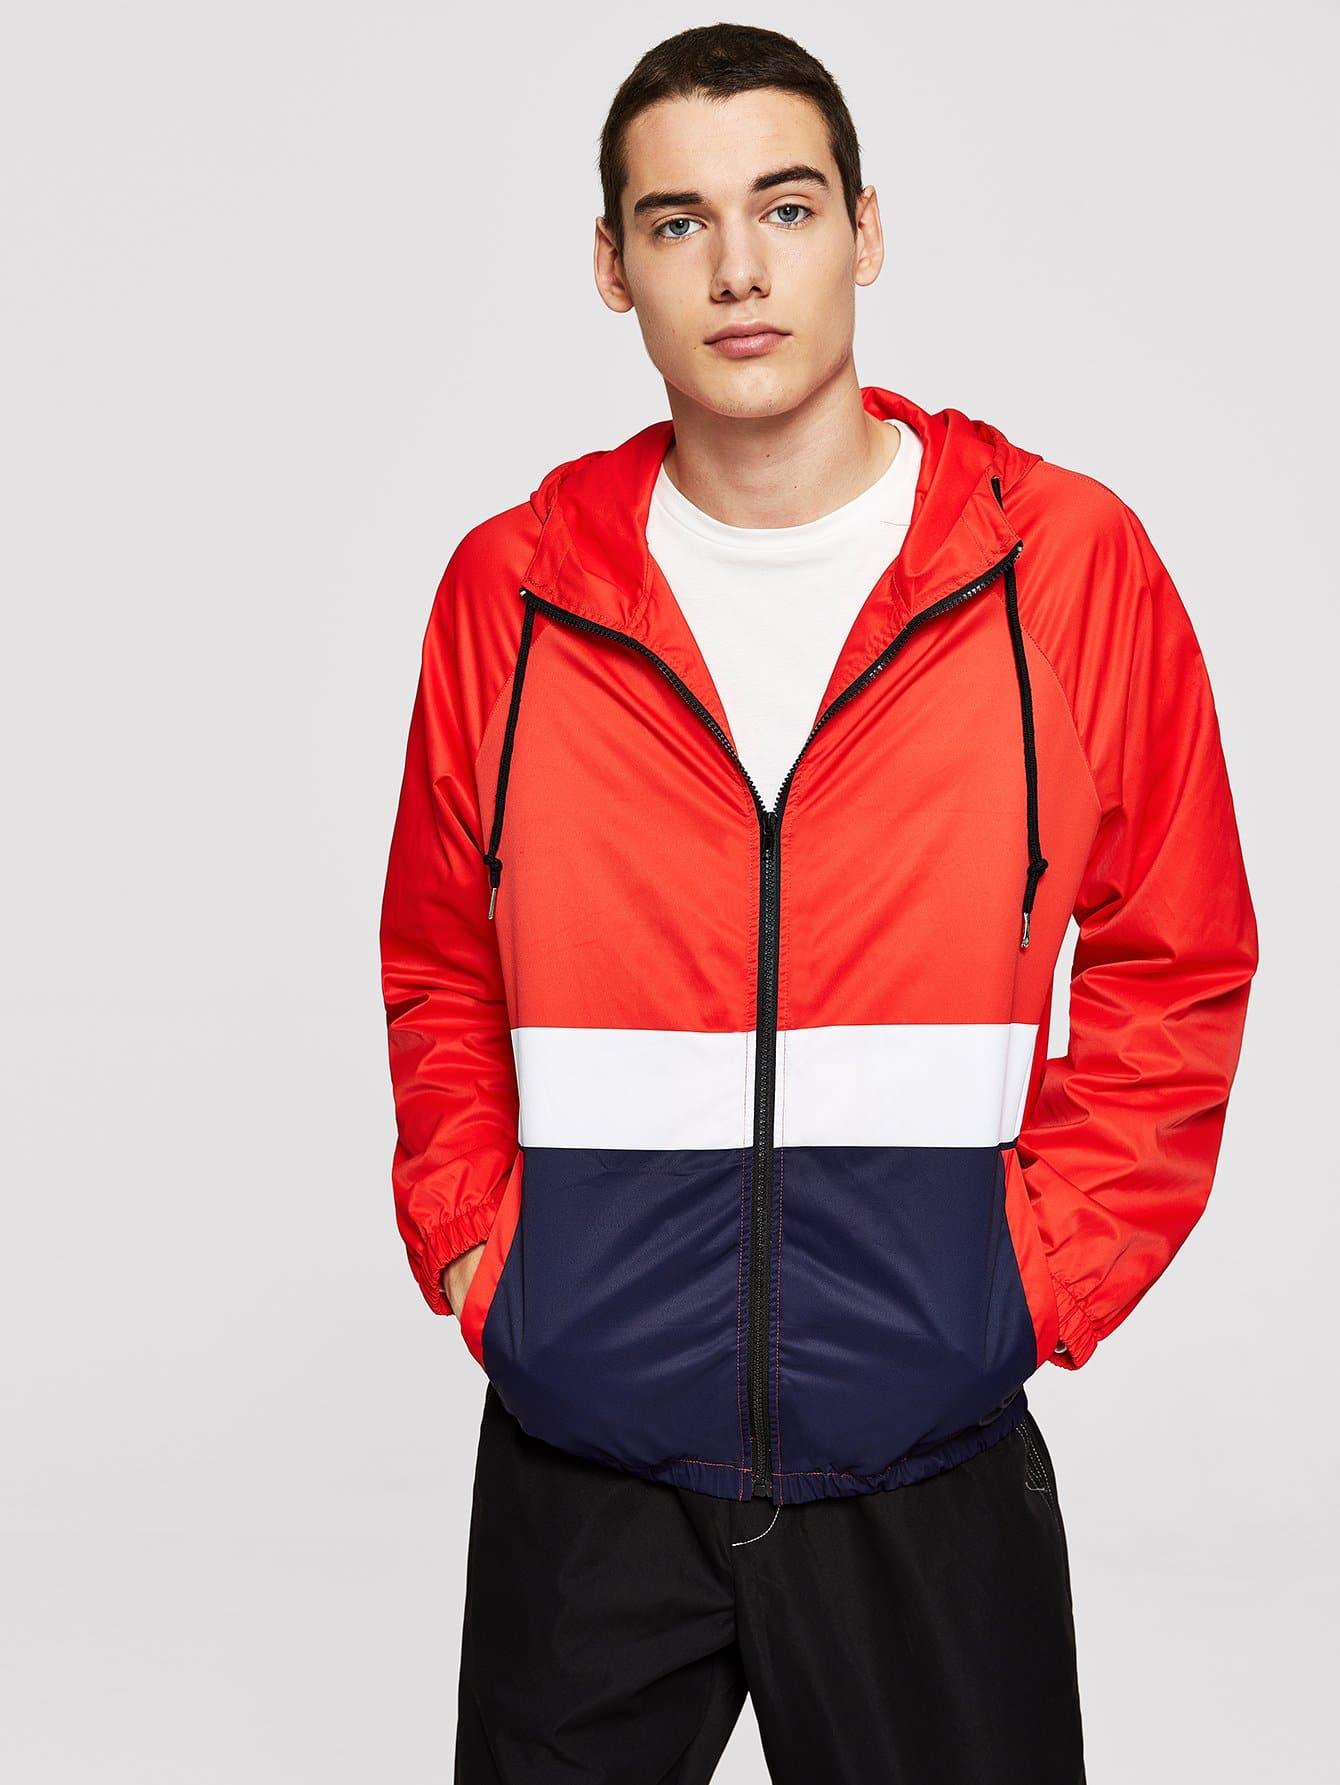 Купить Для мужчин контрастное пальто с капюшоном на молнии, Misha, SheIn